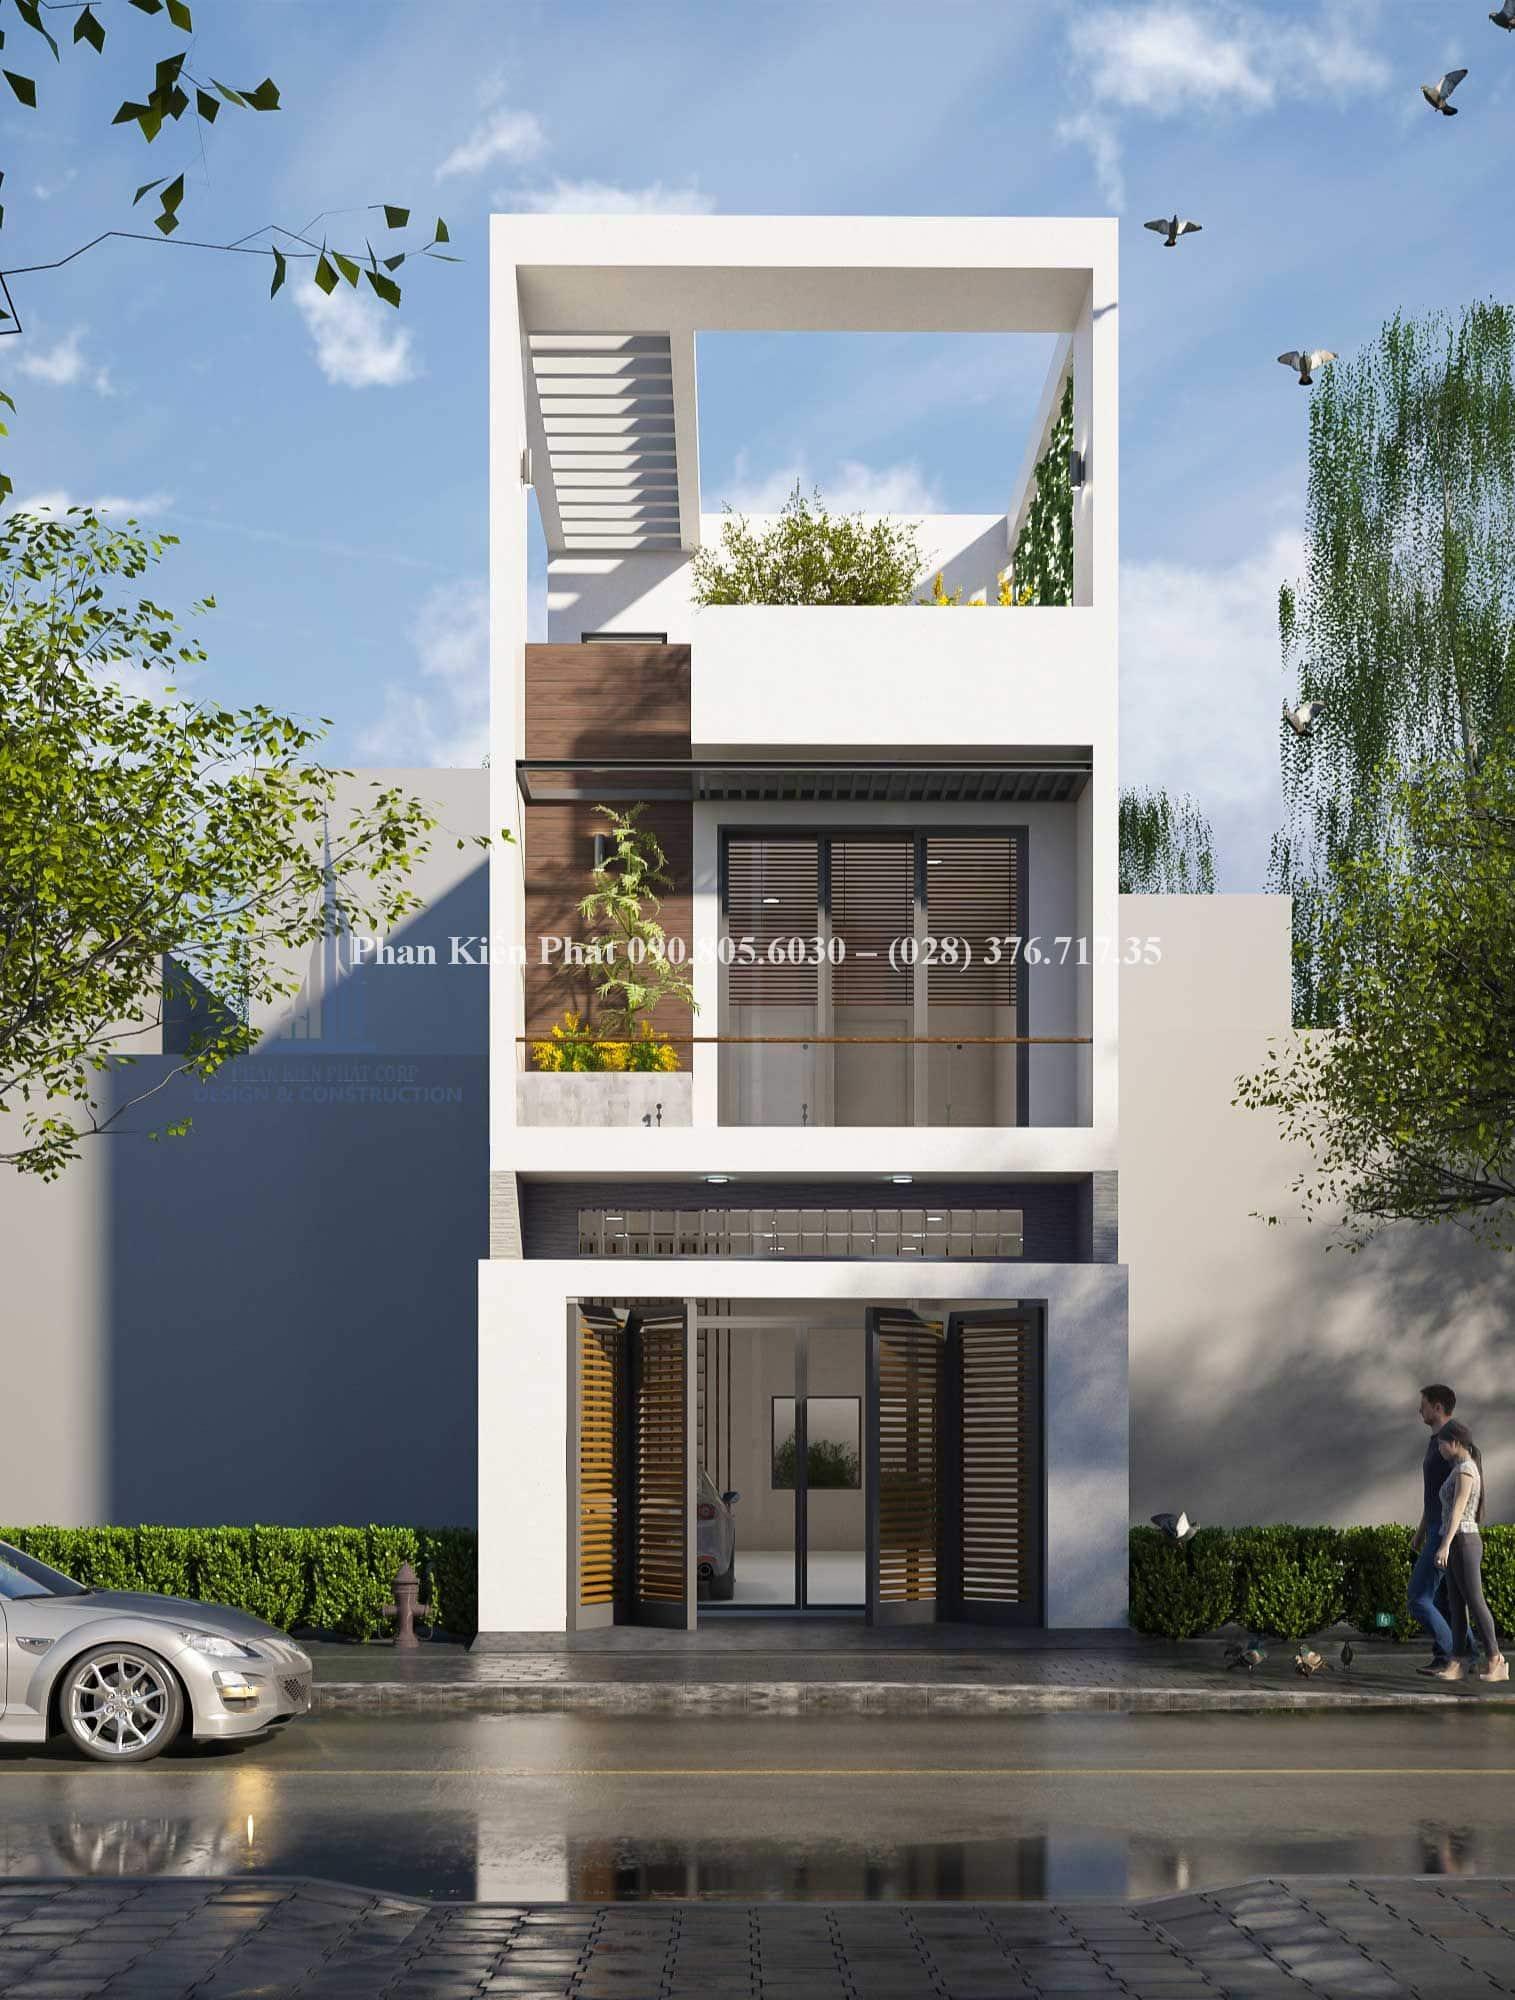 Mẫu nhà phố 3 tầng - 1 trệt 2 lầu mang một không gian xanh